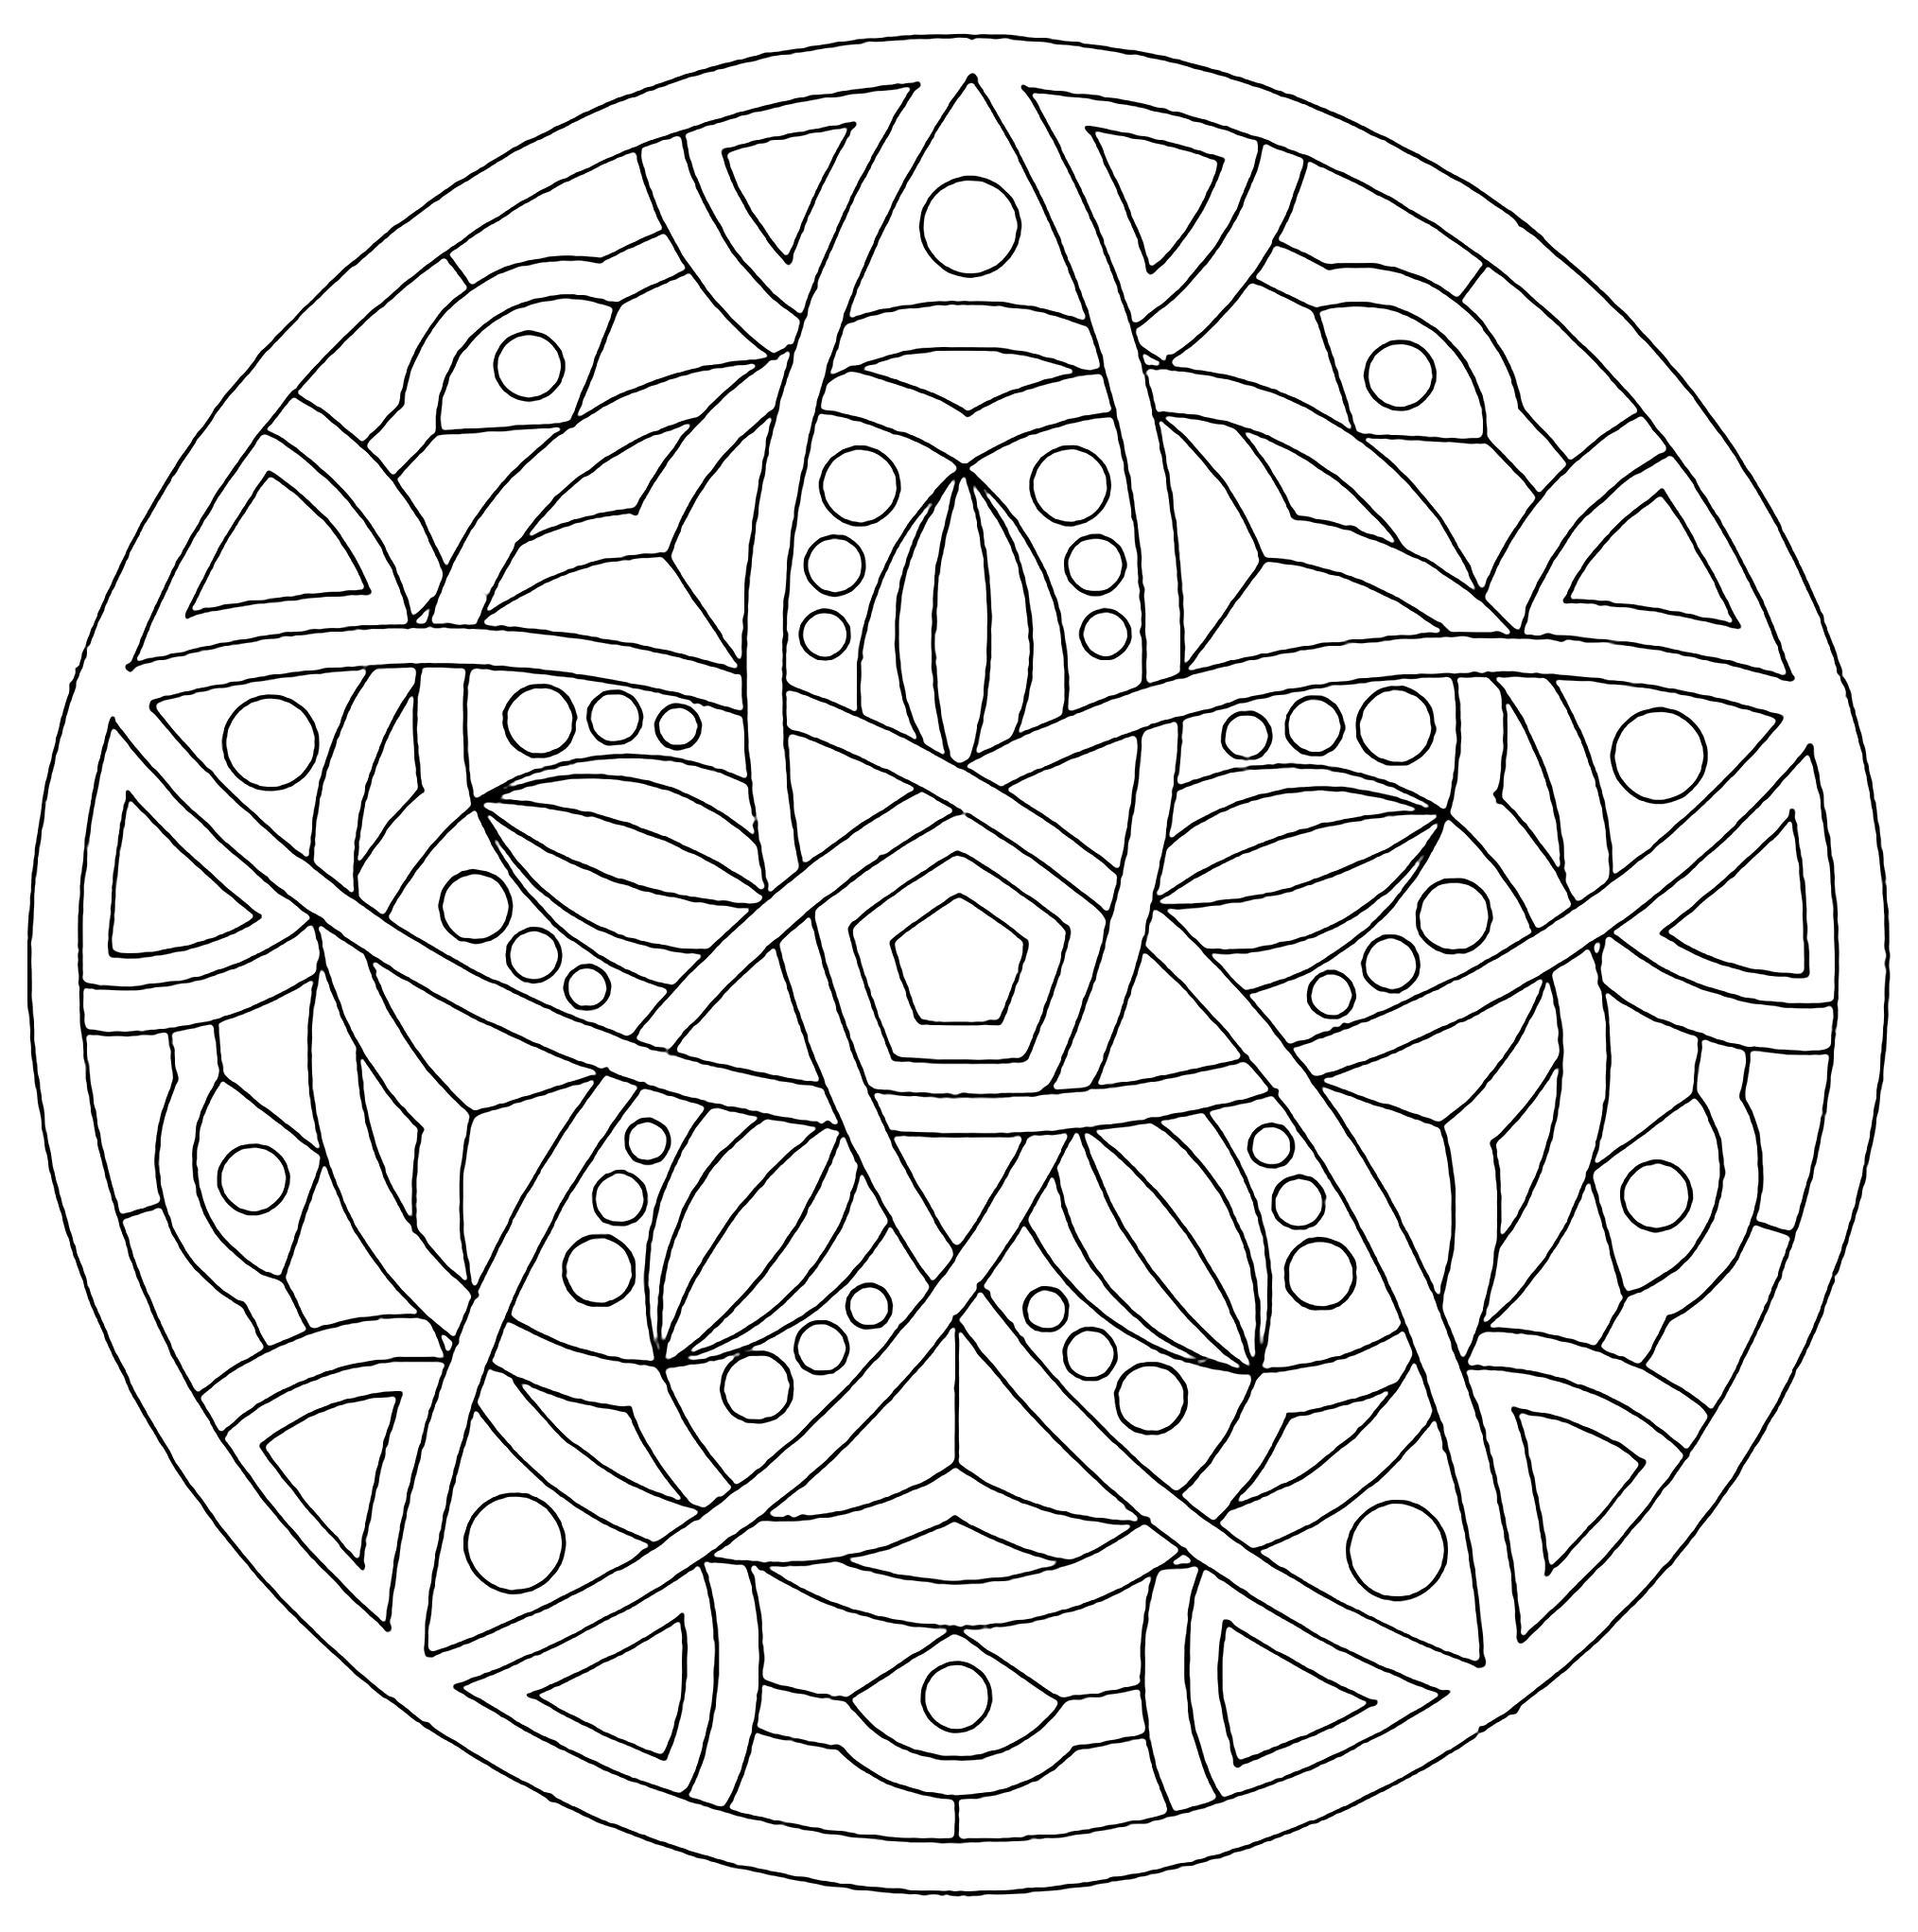 Mandala to print harmony - Simple Mandalas - 100% Mandalas Zen & Anti-stress